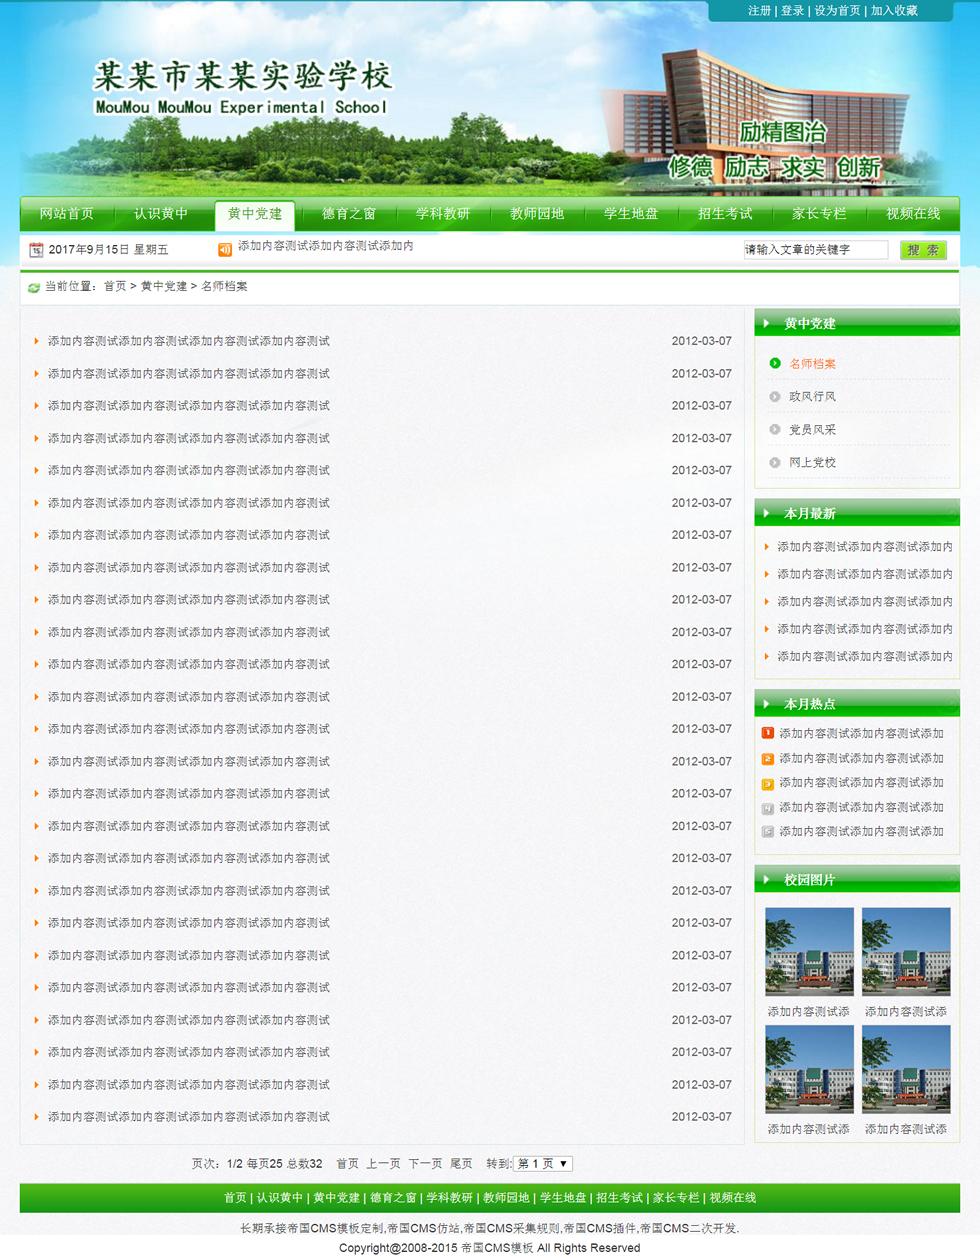 帝国cms绿色风格中小学校网站模板_列表模板